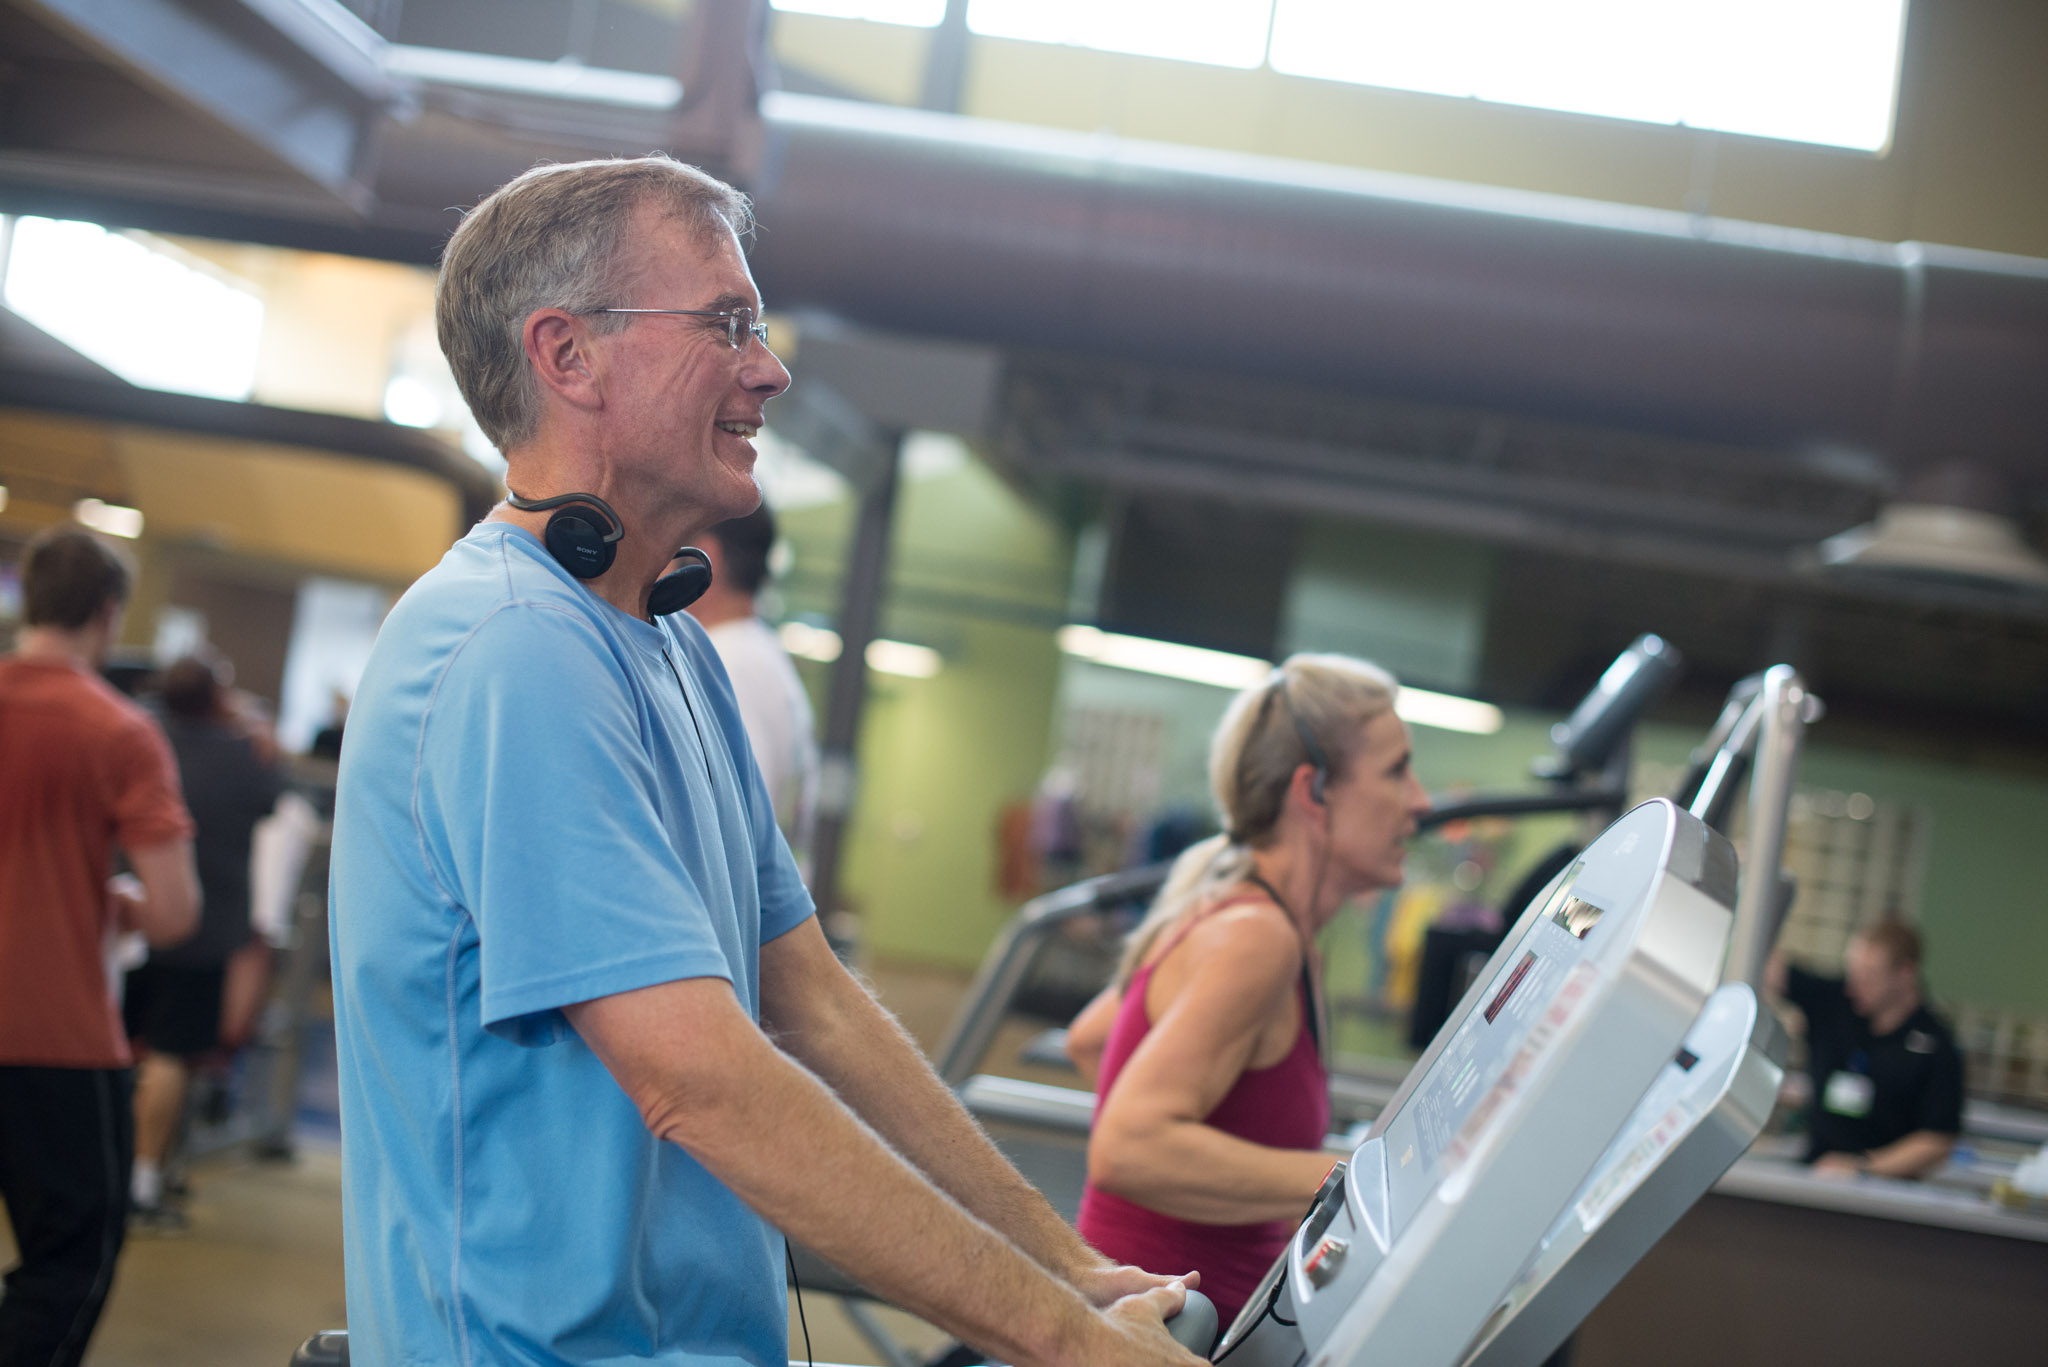 Wellness Center Stock Photos-1251.jpg